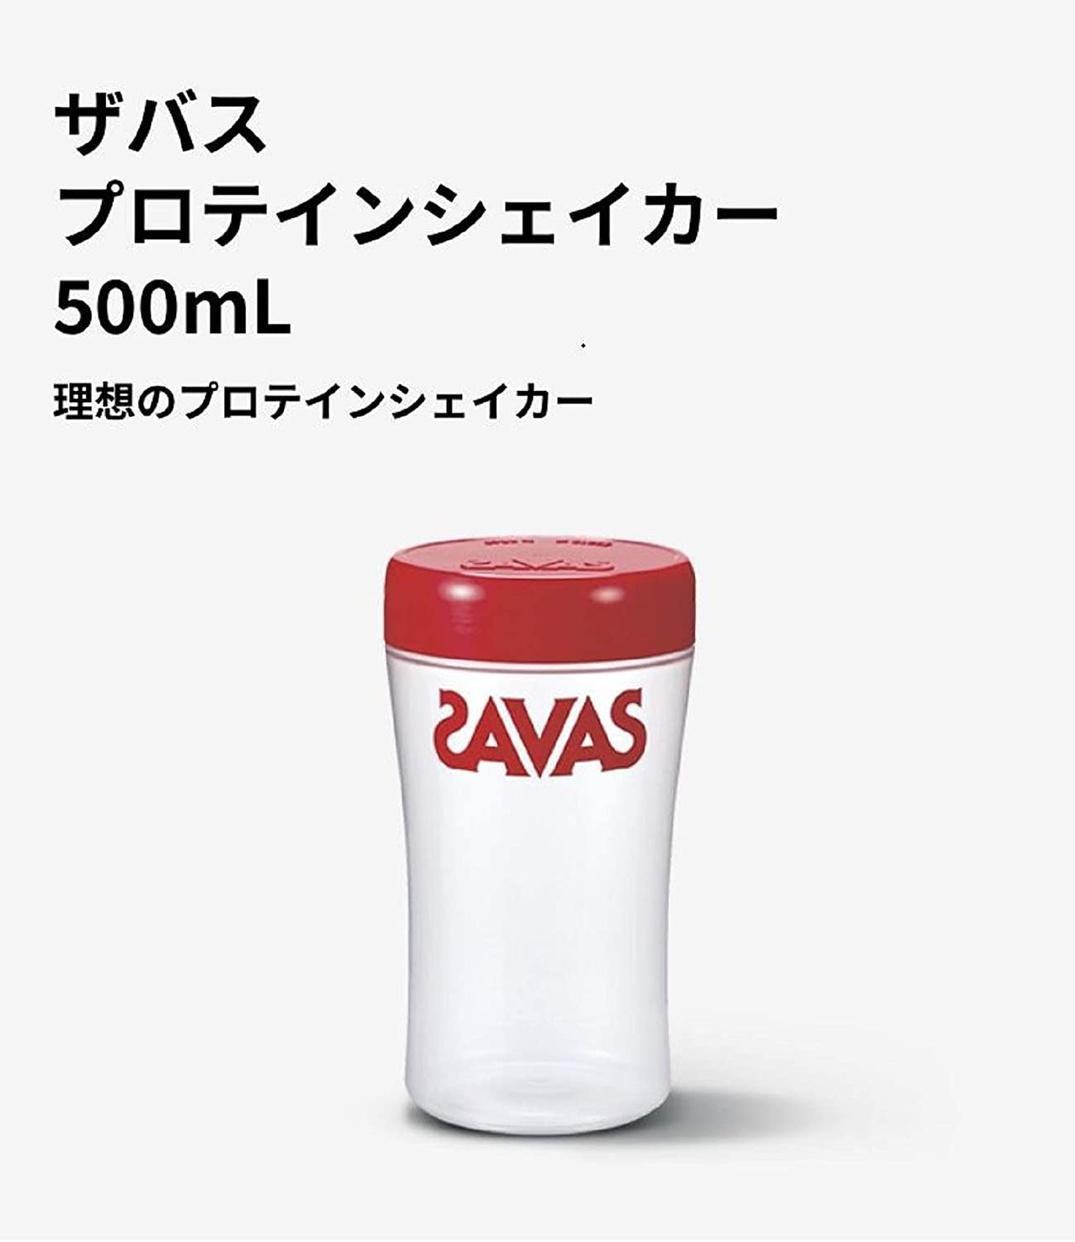 SAVAS(ザバス) プロテインシェイカーの商品画像2